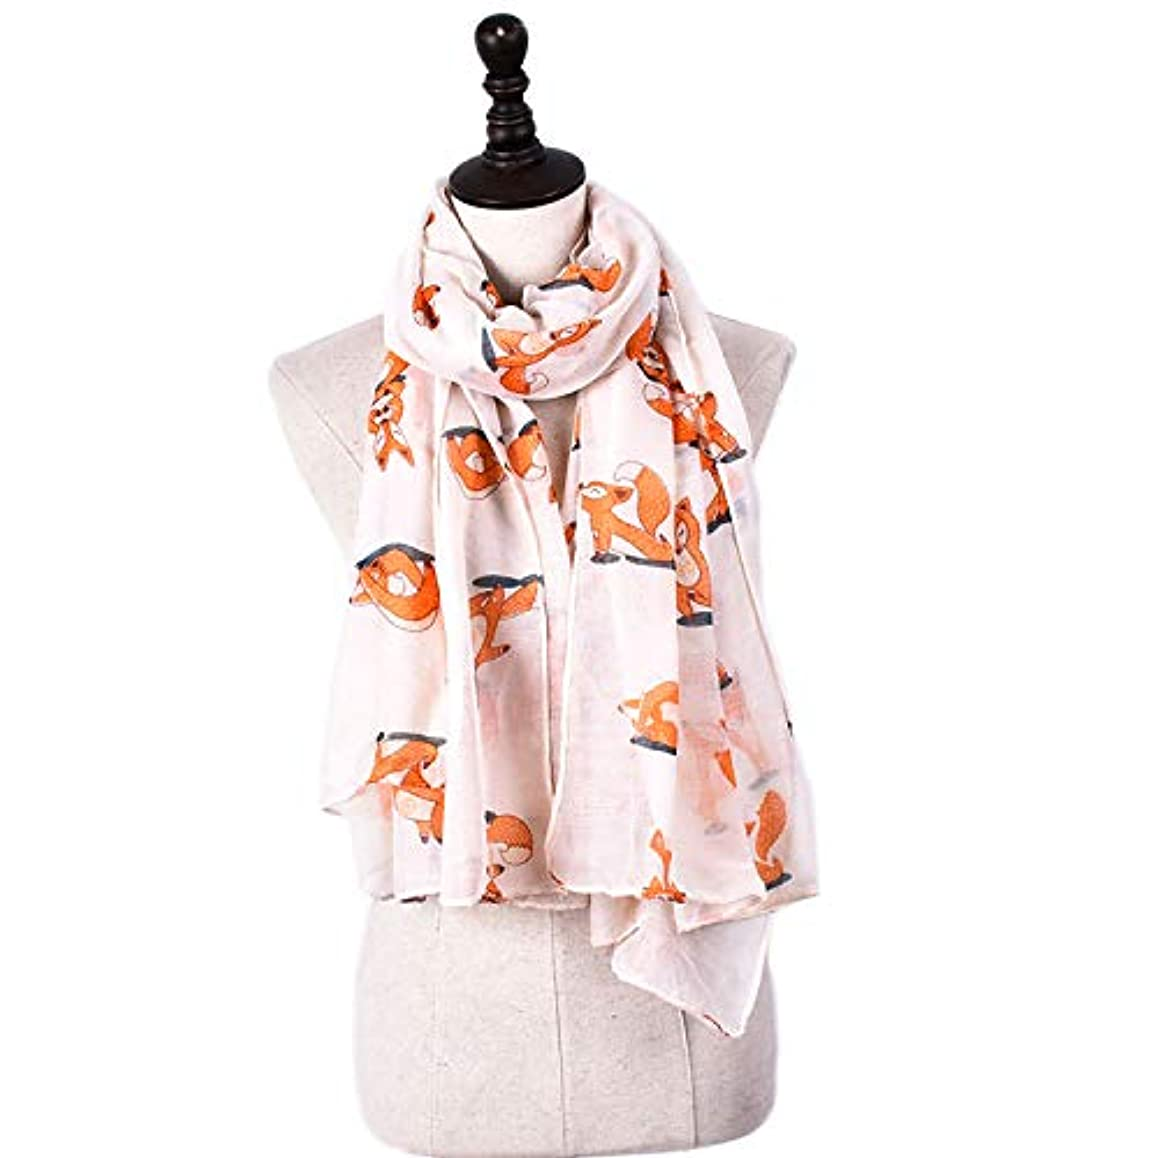 シネウィ熟した植木スカーフ バリニーズ糸 フォックスプリント 可愛い 四季通用 ショール 多機能 防寒 冷房対策 女性向け 6色選択